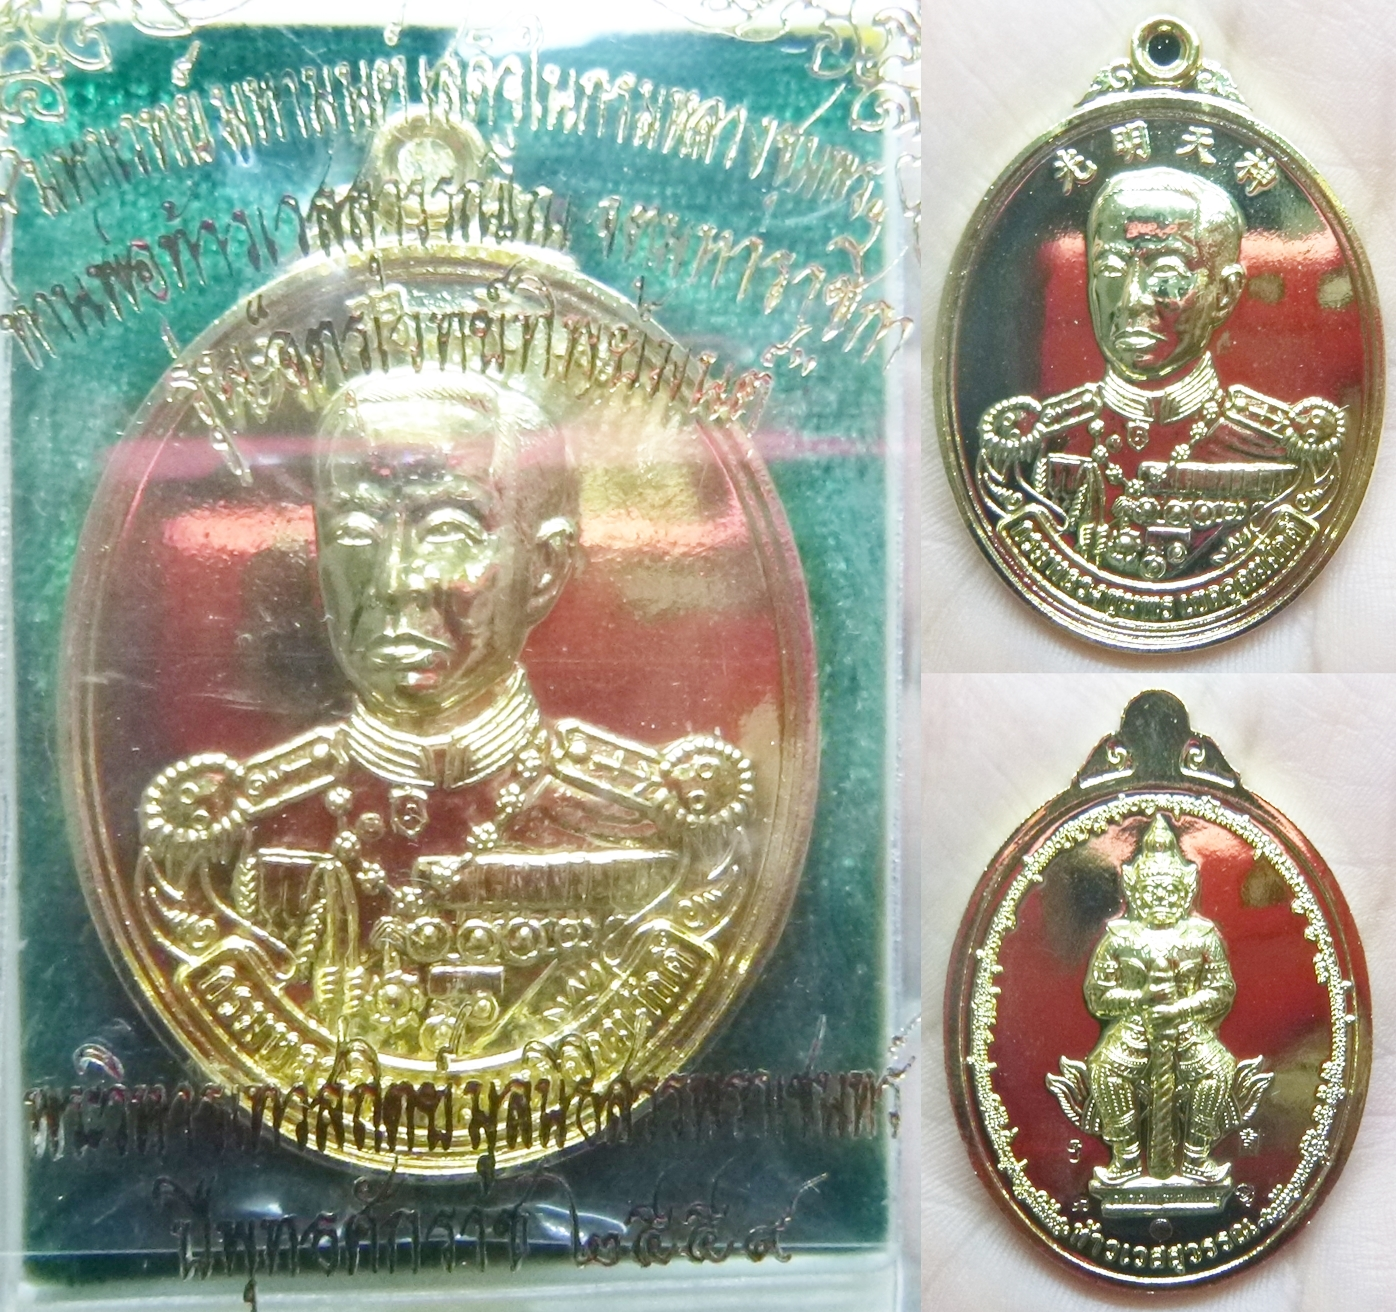 เหรียญ เนื้อพิเศษชุบทอง กรมหลวงชุมพร รุ่นจตุรเวทย์ทิพย์มนต์